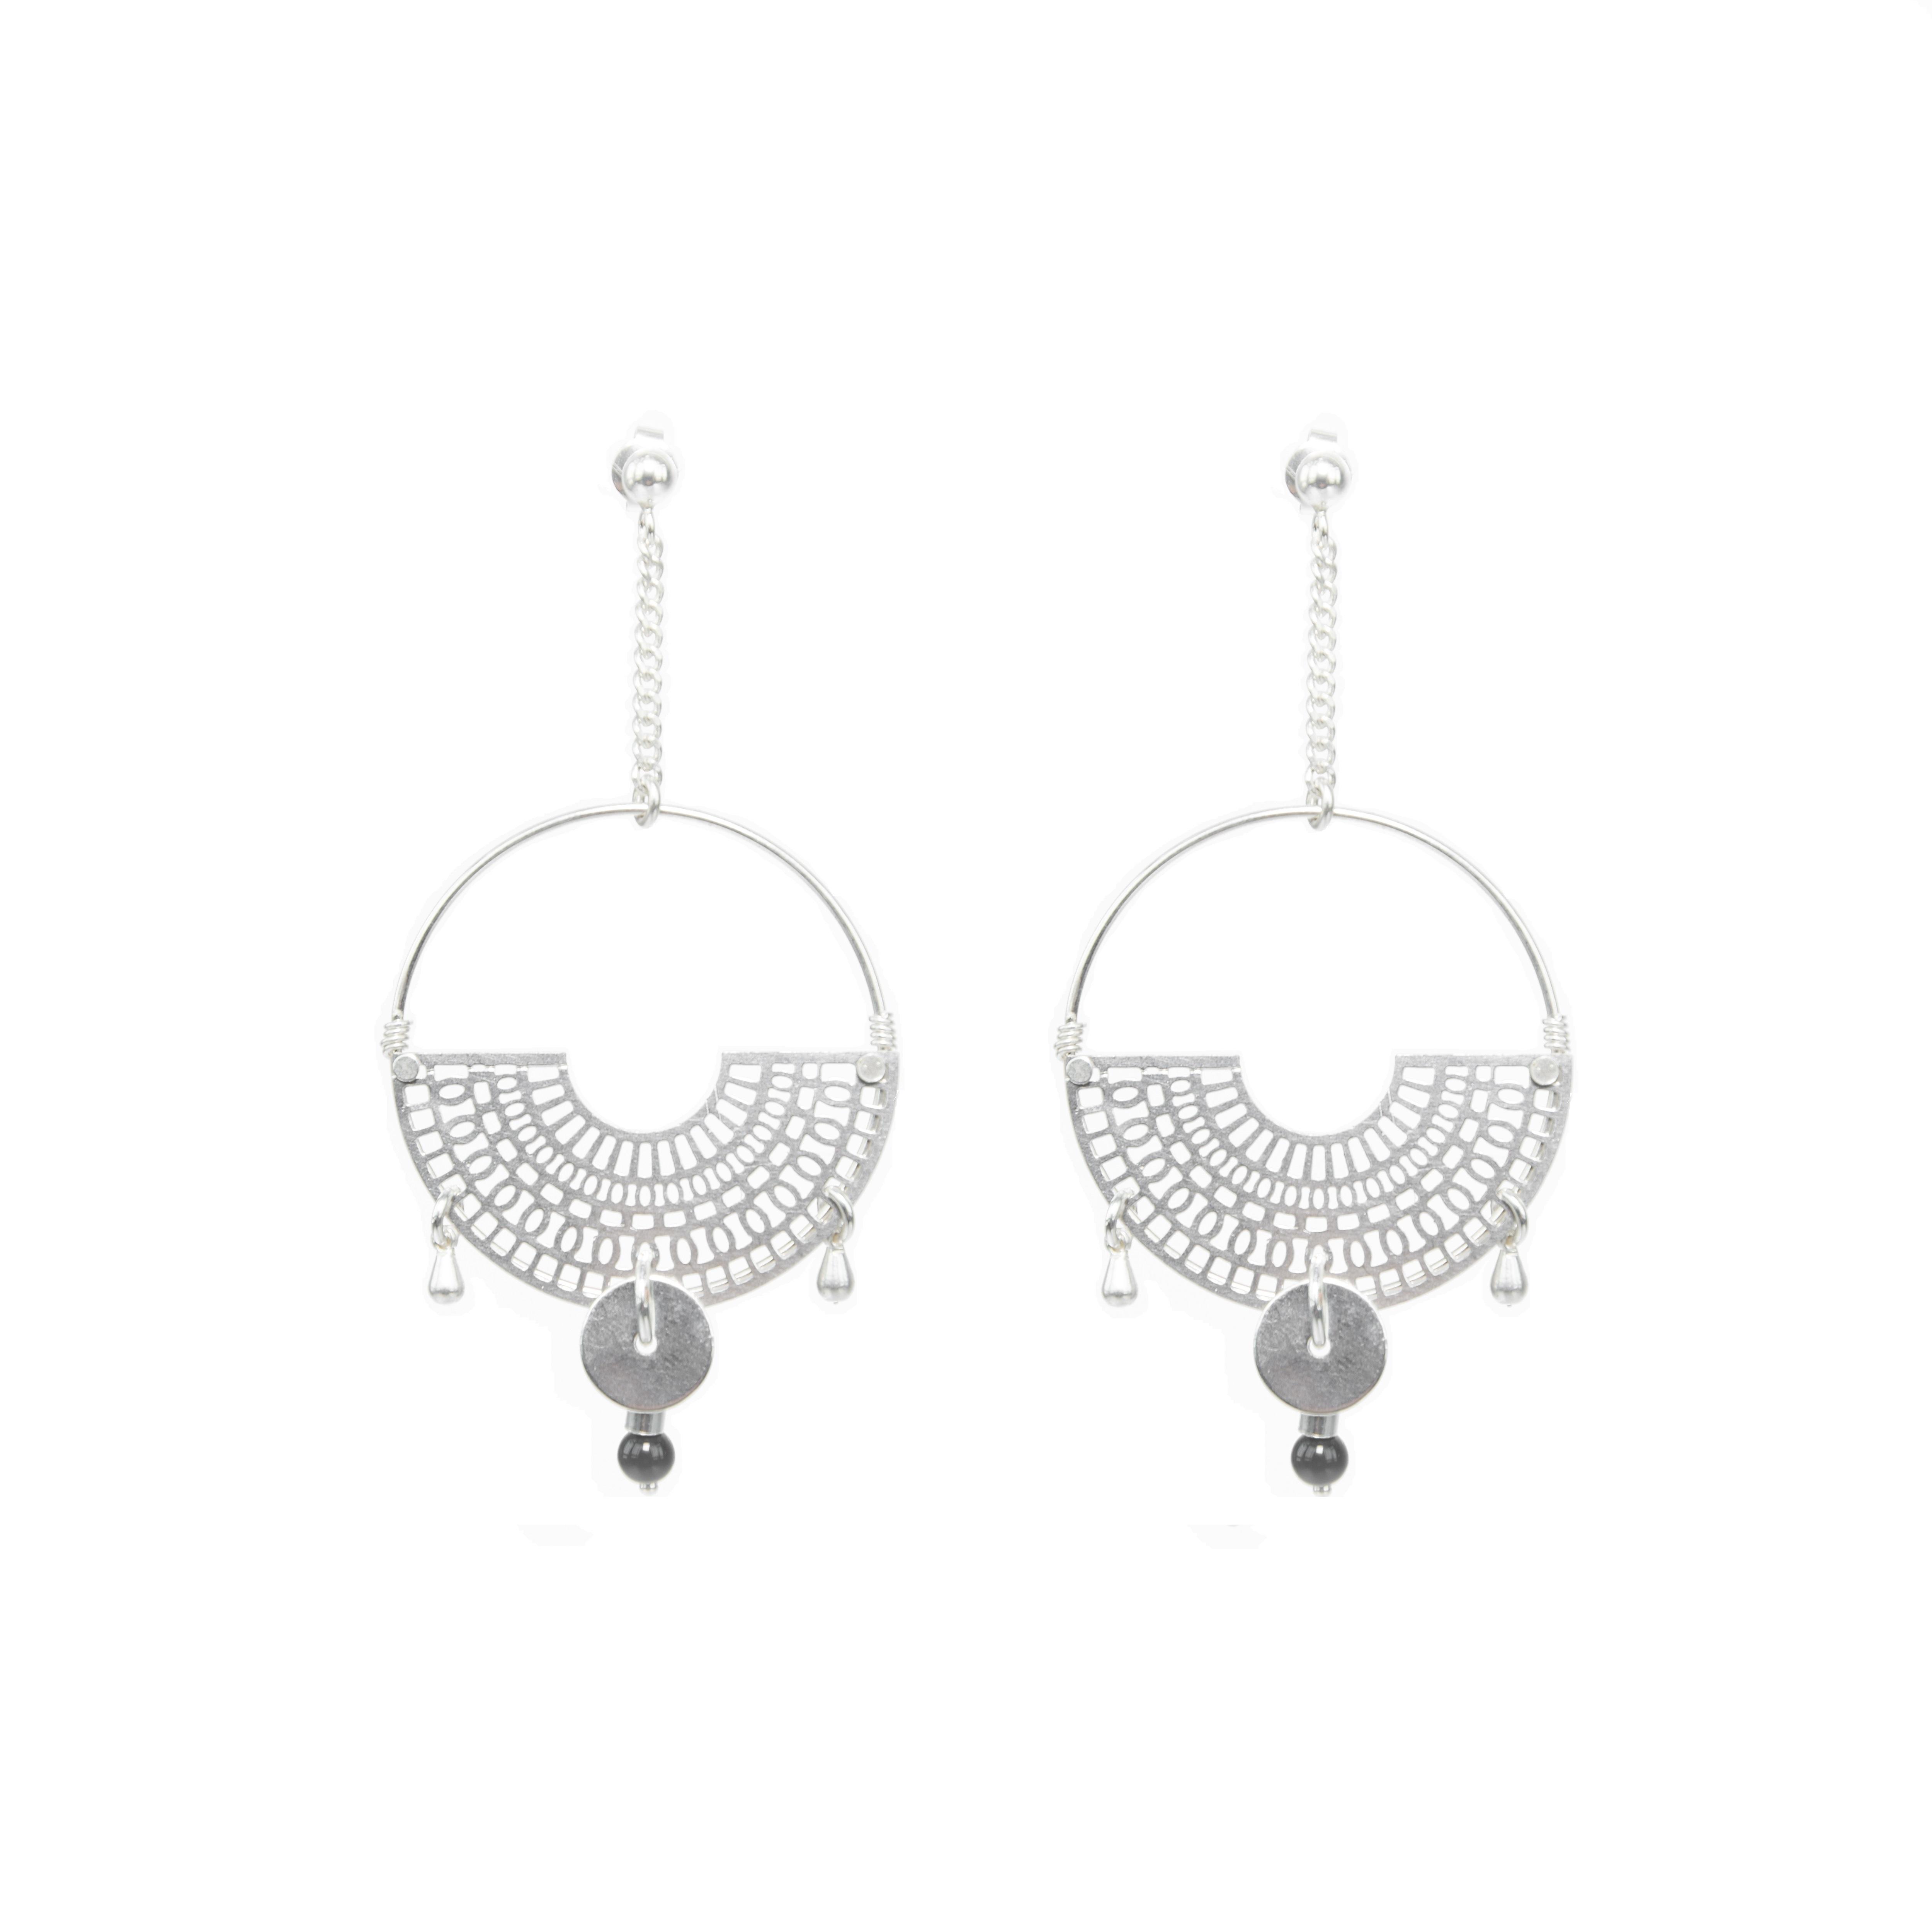 Boucles d'oreille Miyu noires argent, boucles d'oreille argent, bijoux argent, créations artisanales, Antibes, Juan les pins